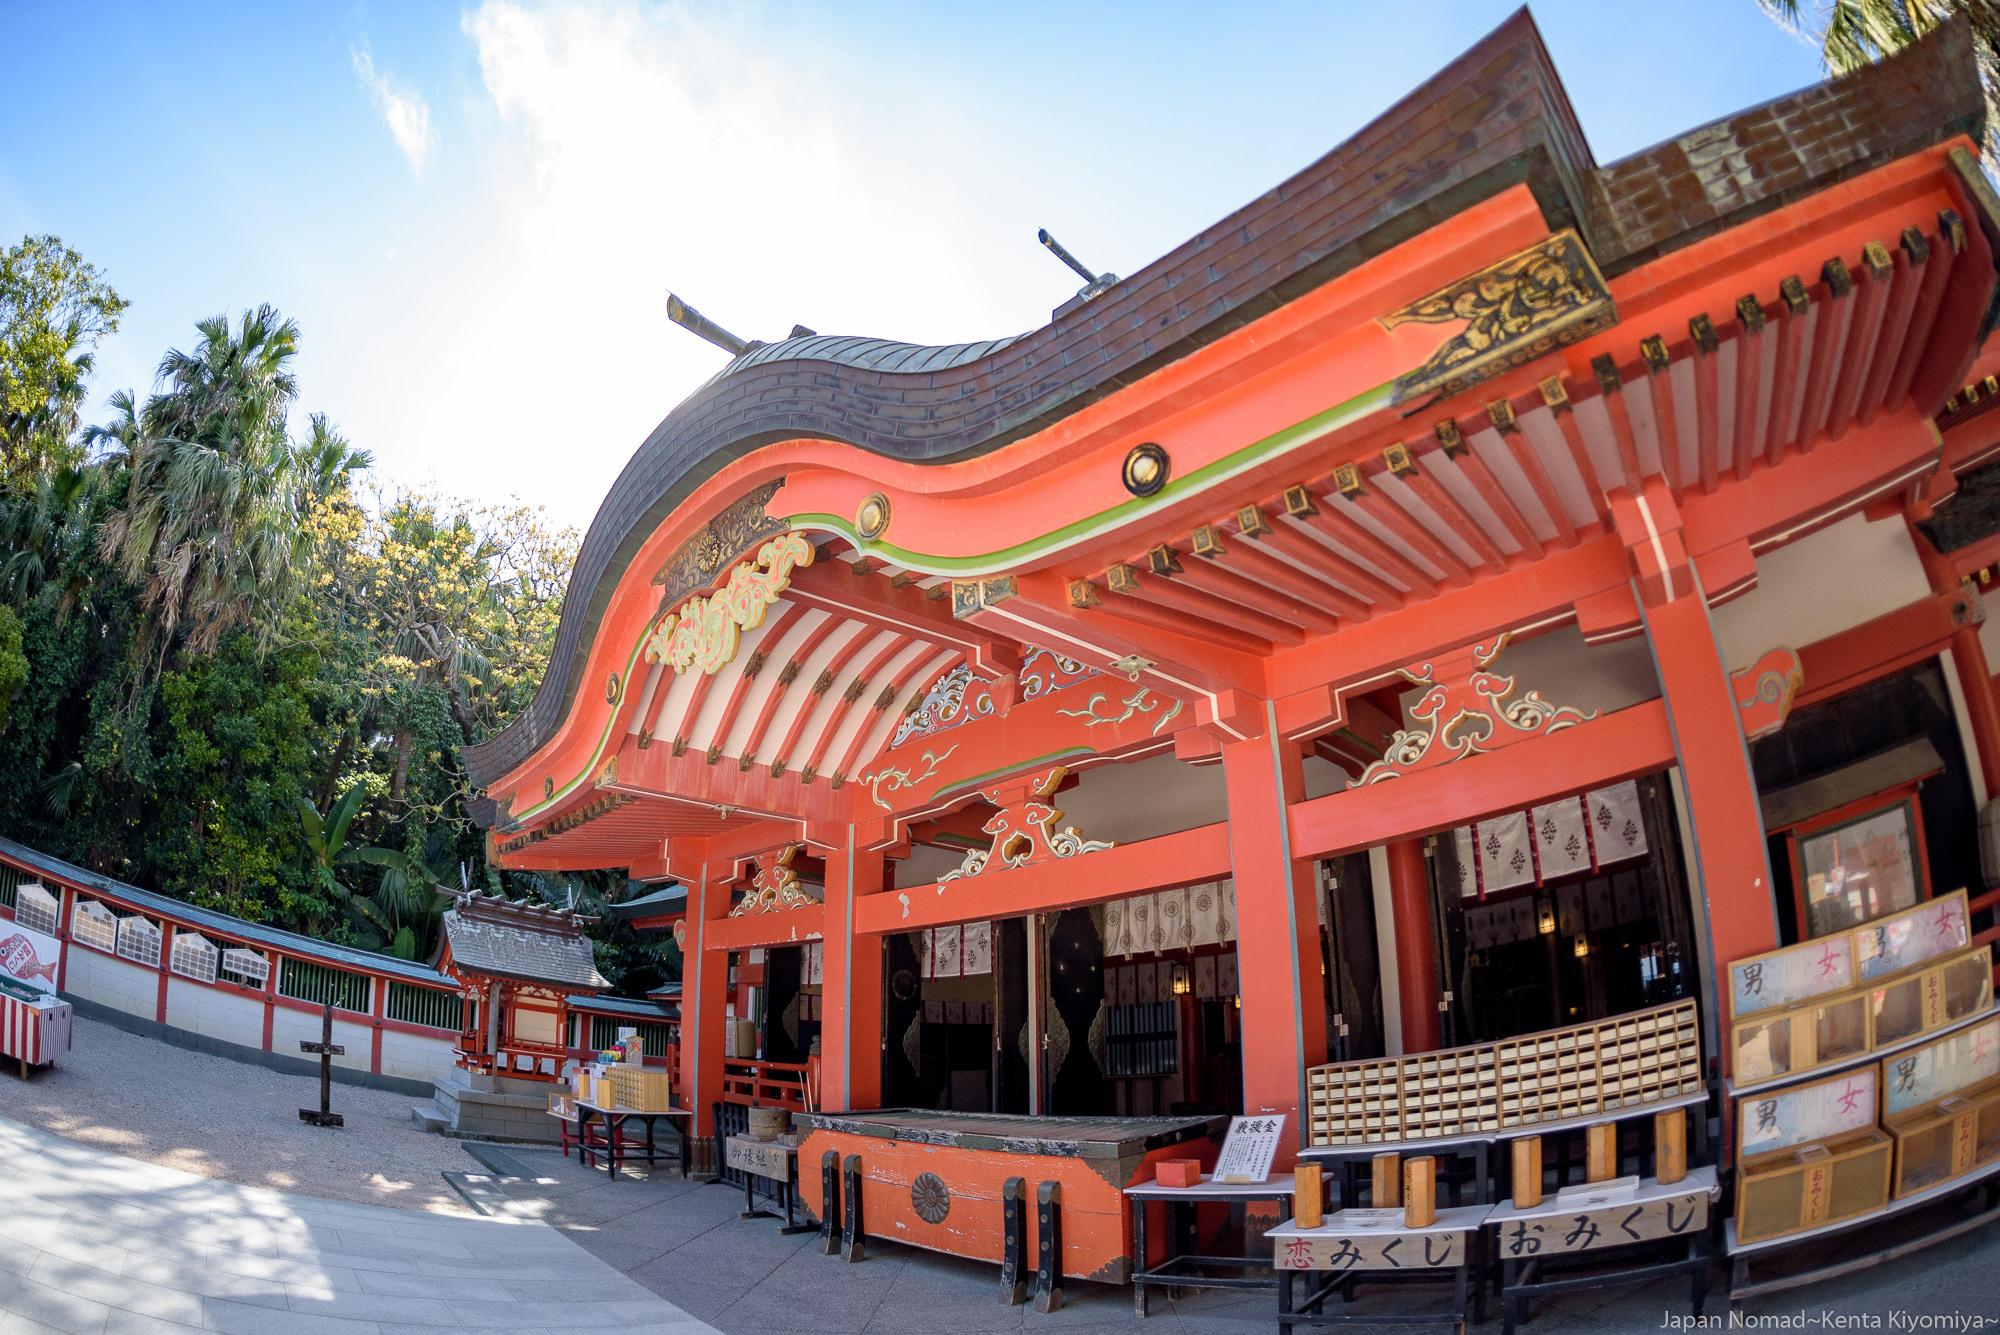 【旅201日目】南国に建つ青島神社と日本神話